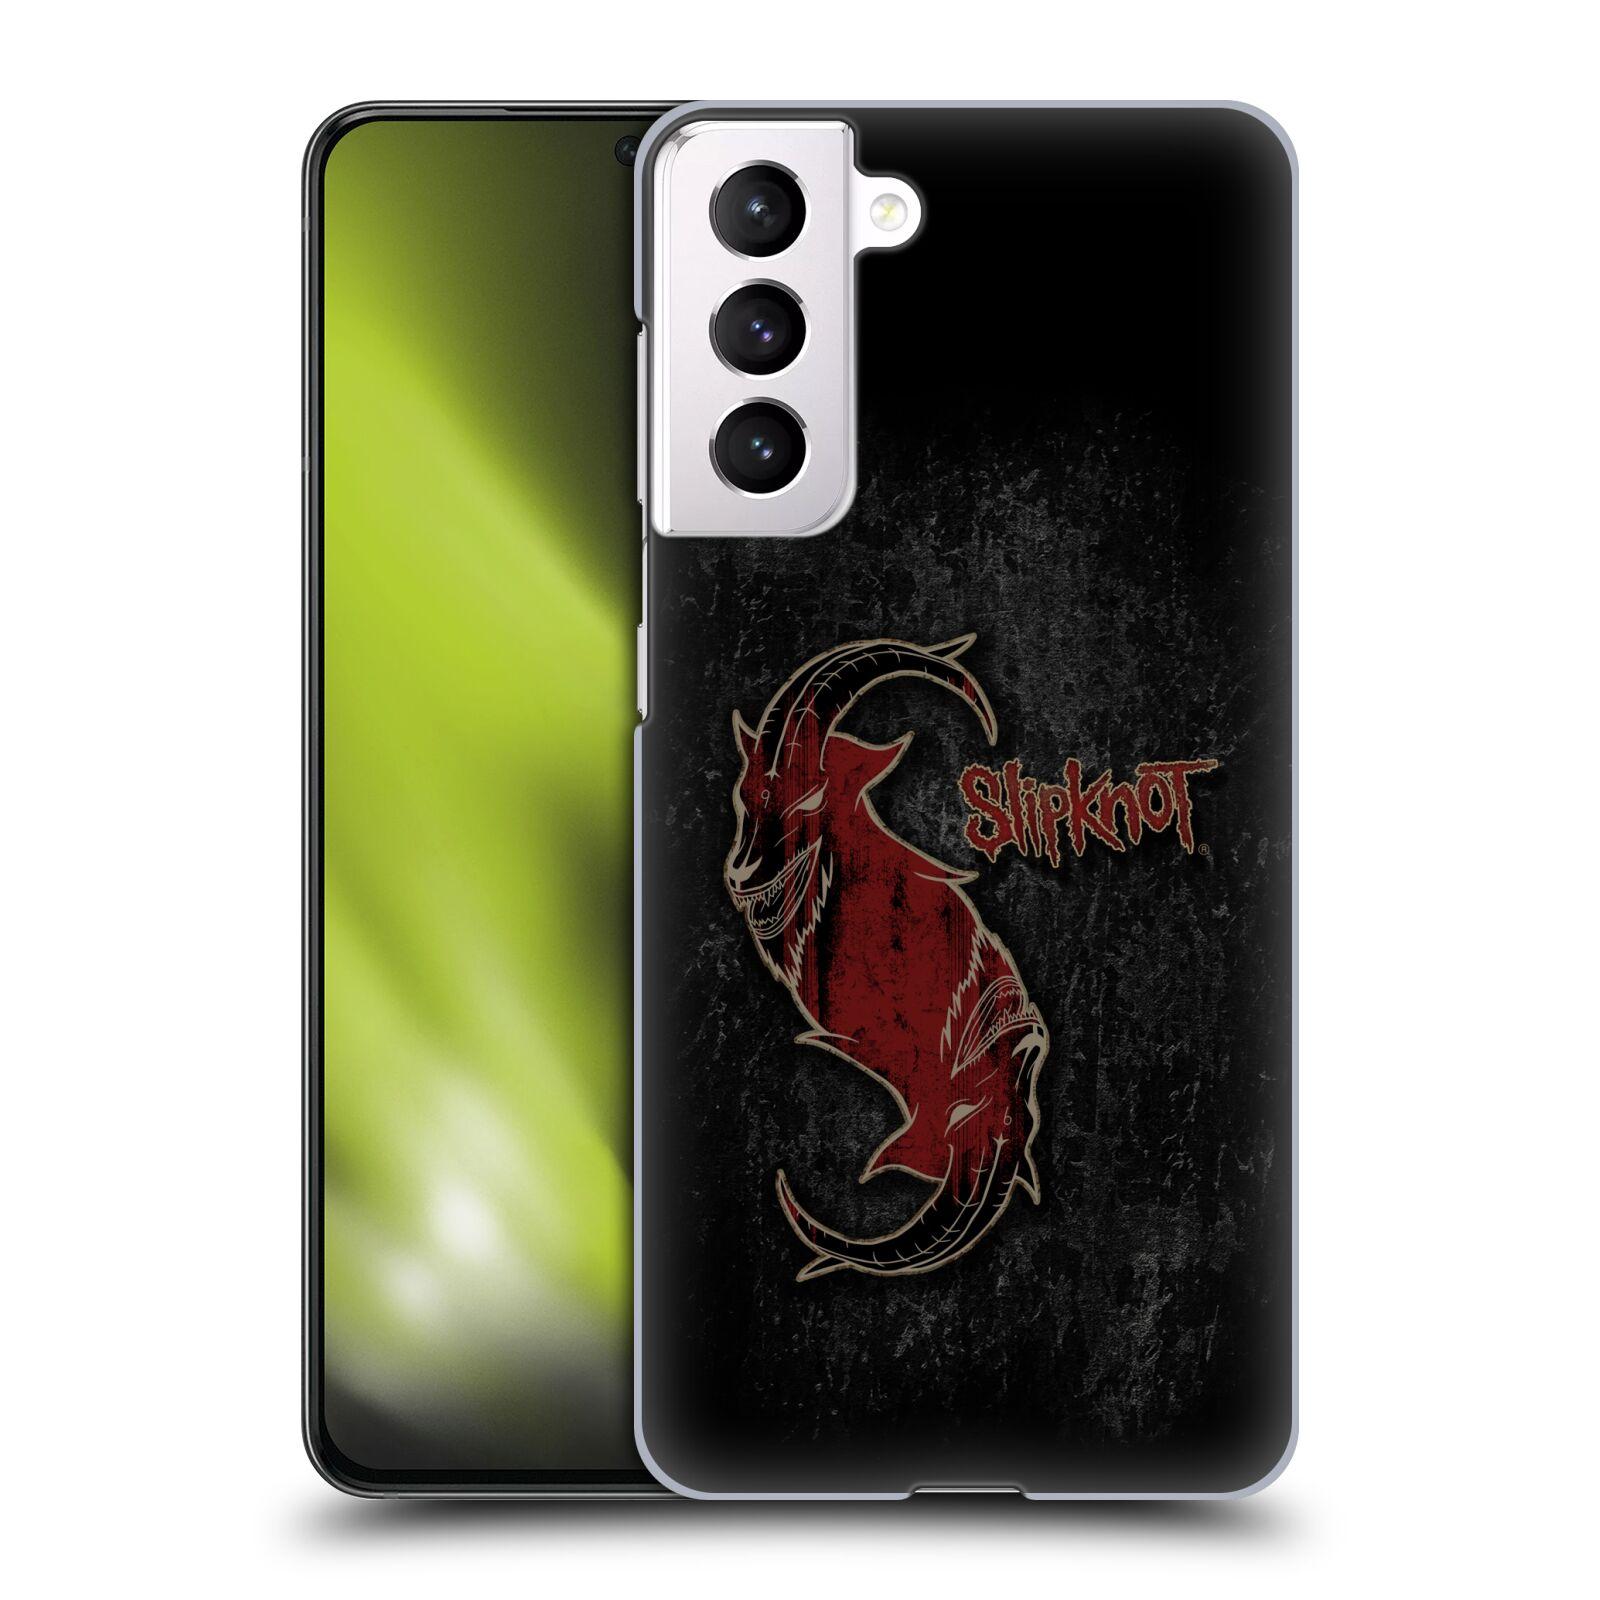 Plastové pouzdro na mobil Samsung Galaxy S21 5G - Head Case - Slipknot - Rudý kozel